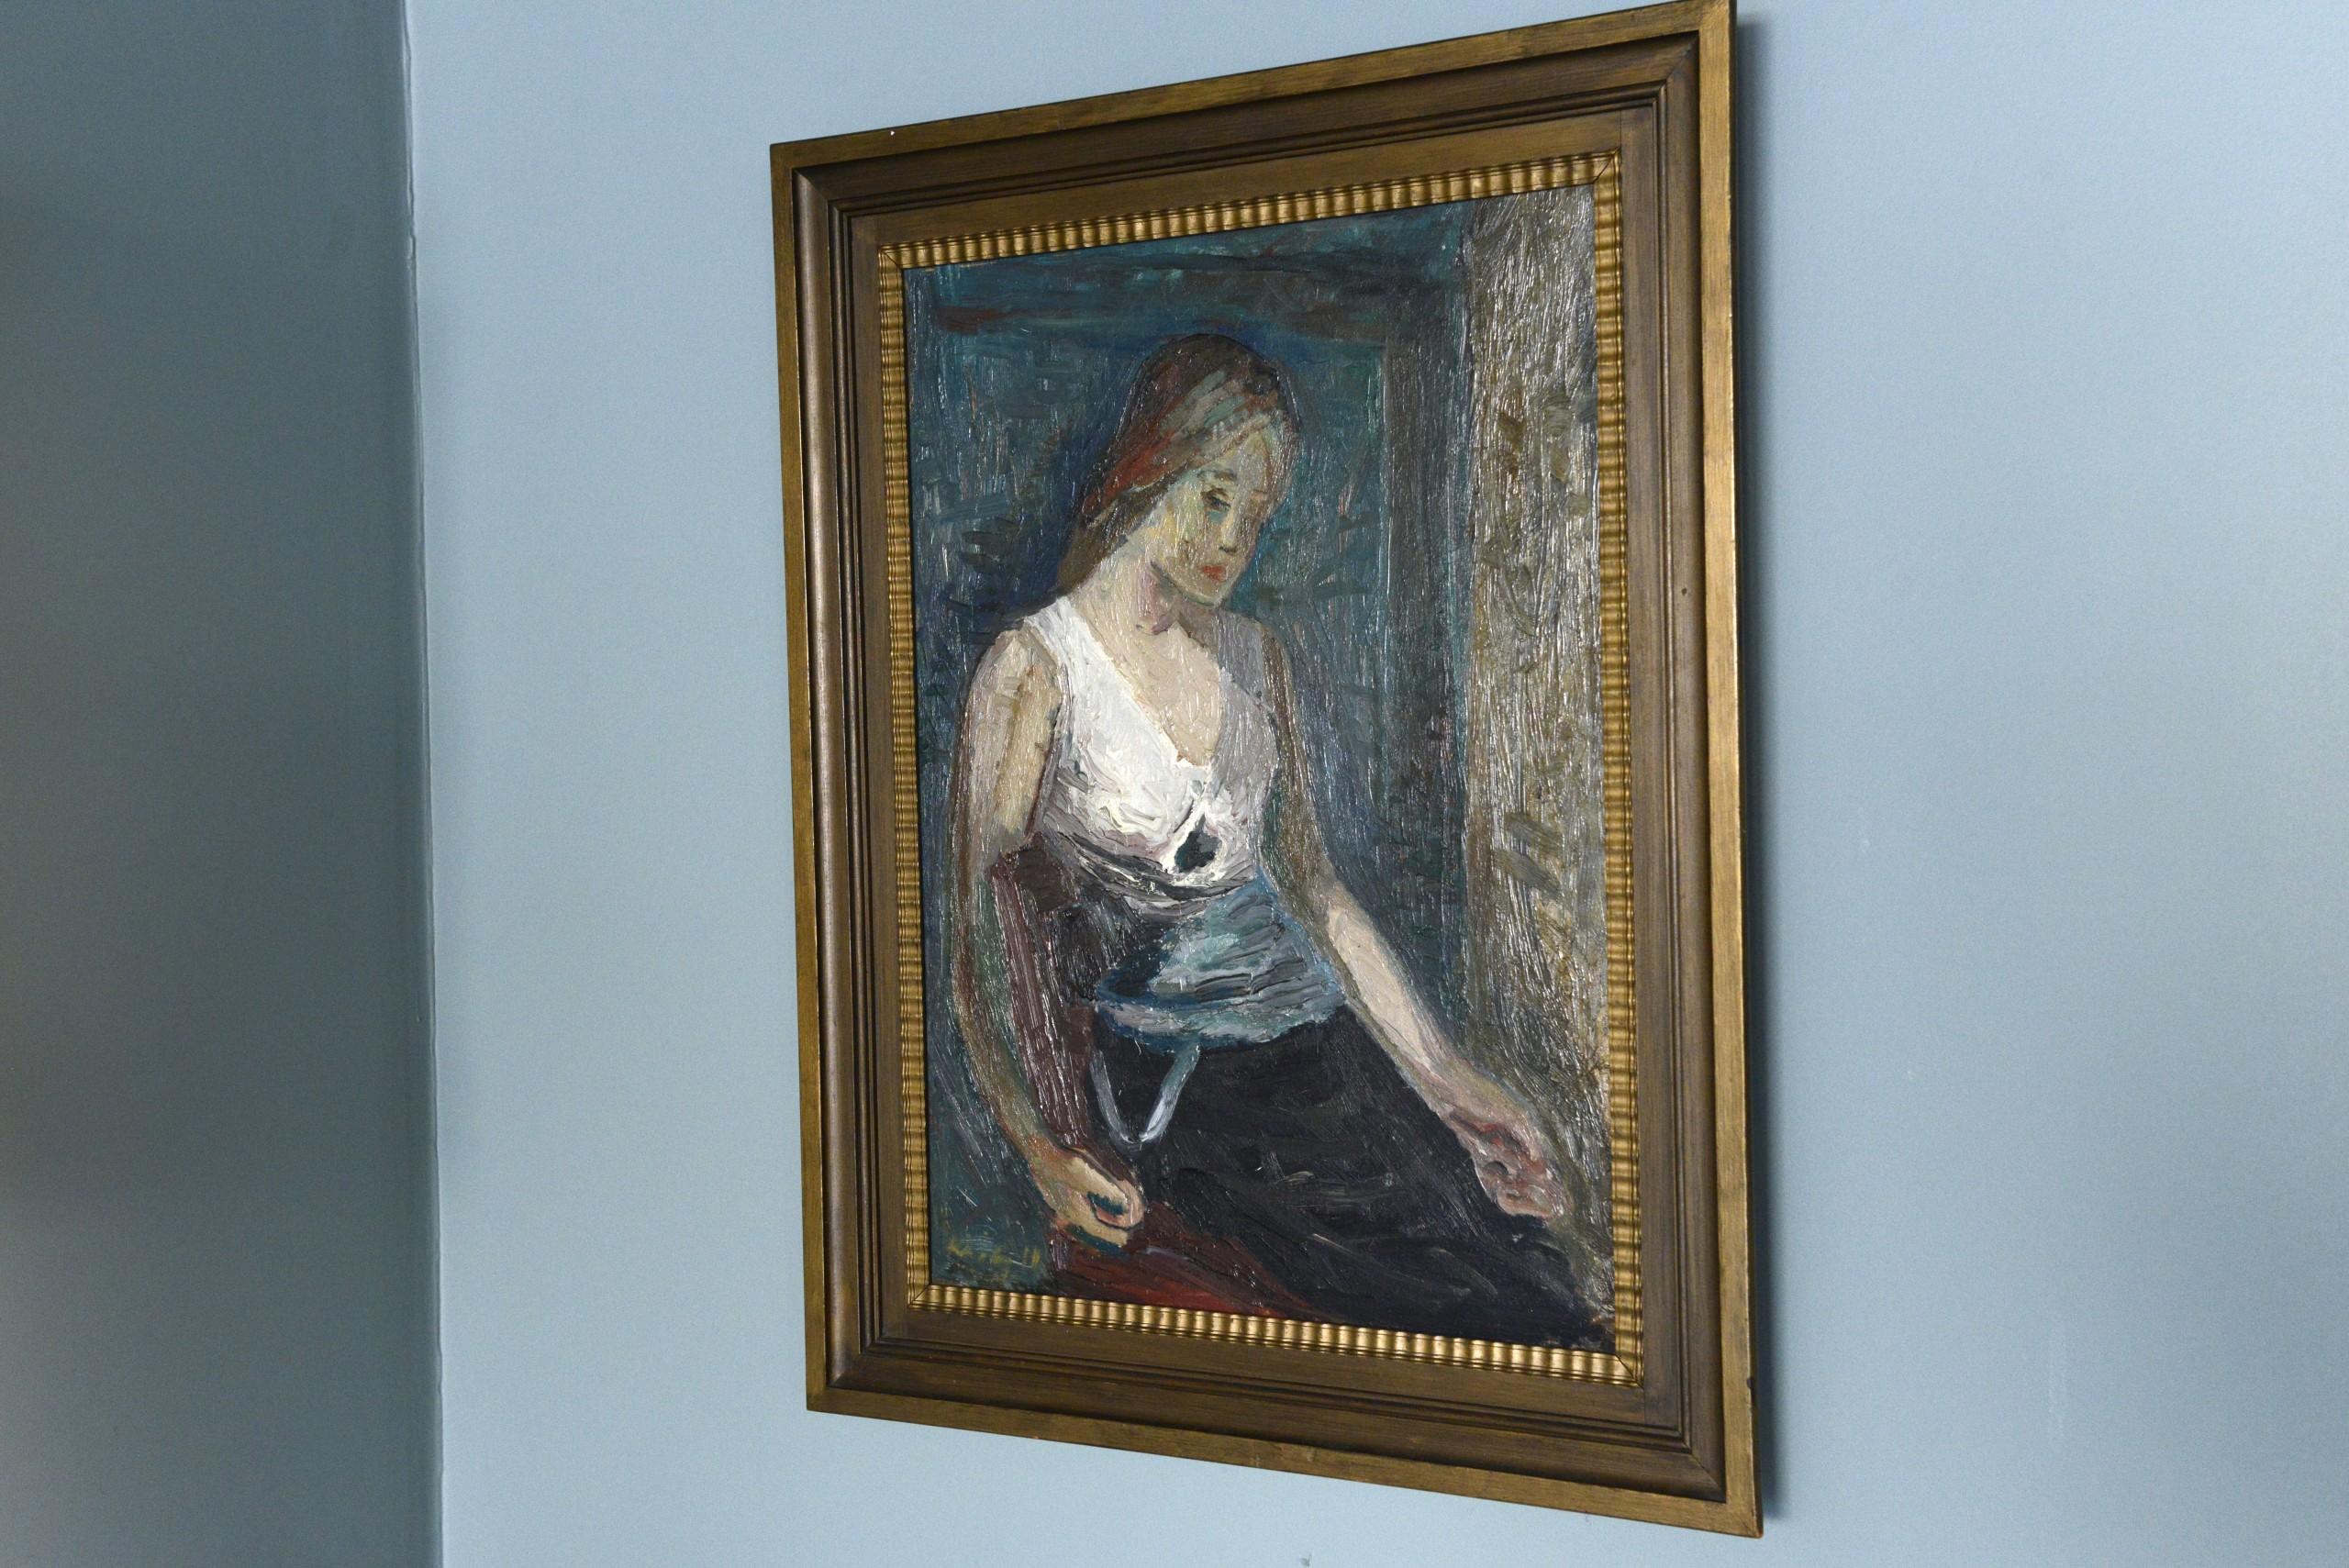 """""""Ung kvinne"""" tidlig 30-tallet Olje på lerret 71x52 cm Kona Ingeborg sitter modell for sin mann. Hun går igjen i mange av hans bilder, uten at portrettlikheten alltid er til stede. Kai Fjell malte sjelden portretter etter modell. Dette er et unntak. Den spontane måten å male på, fikk mange til å kalle Fjell «Den nye Munch»."""